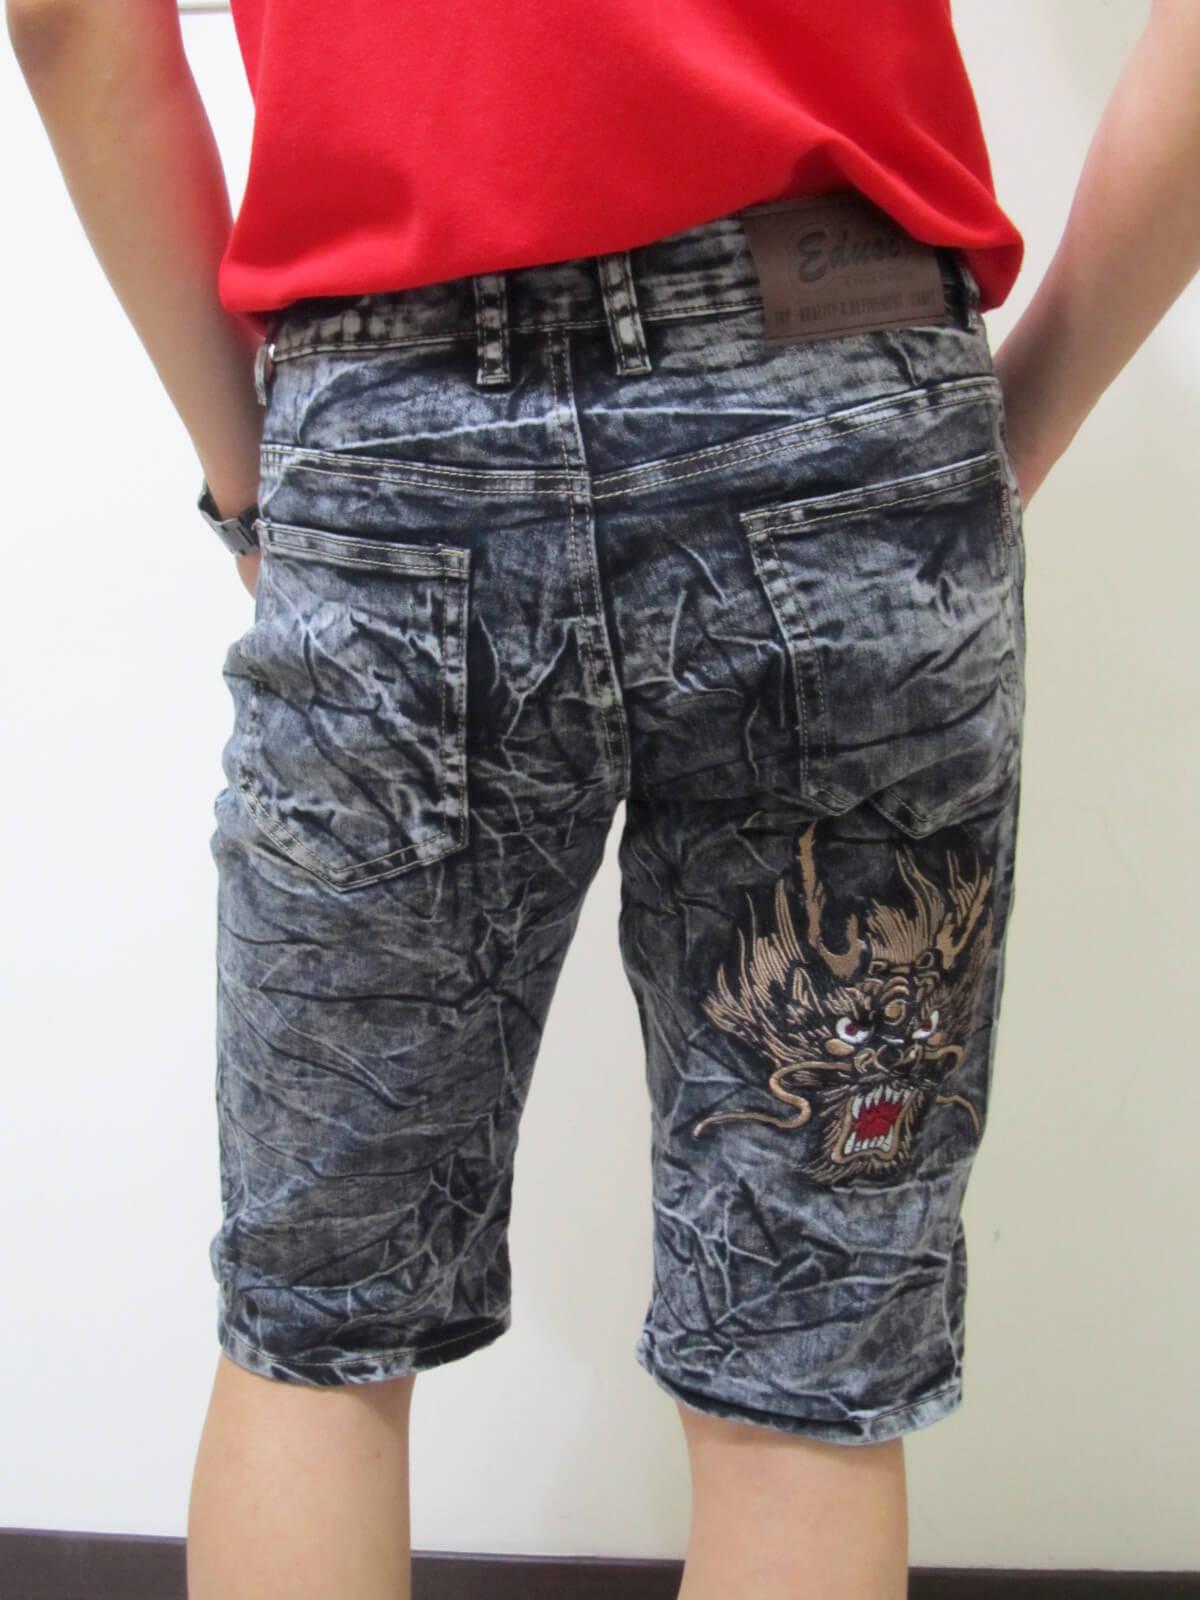 sun-e牛仔六分褲、繡龍頭圖樣、砂洗水波紋彈力六分褲、休閒牛仔褲、休閒六分褲、牛仔短褲、六分丹寧短褲、超輕量、腰圍有皮帶環(褲耳)、褲檔有拉鍊、黑色六分褲(329-3815-21)黑 腰圍:M L XL 2L 3L 4L(28~39英吋) 2